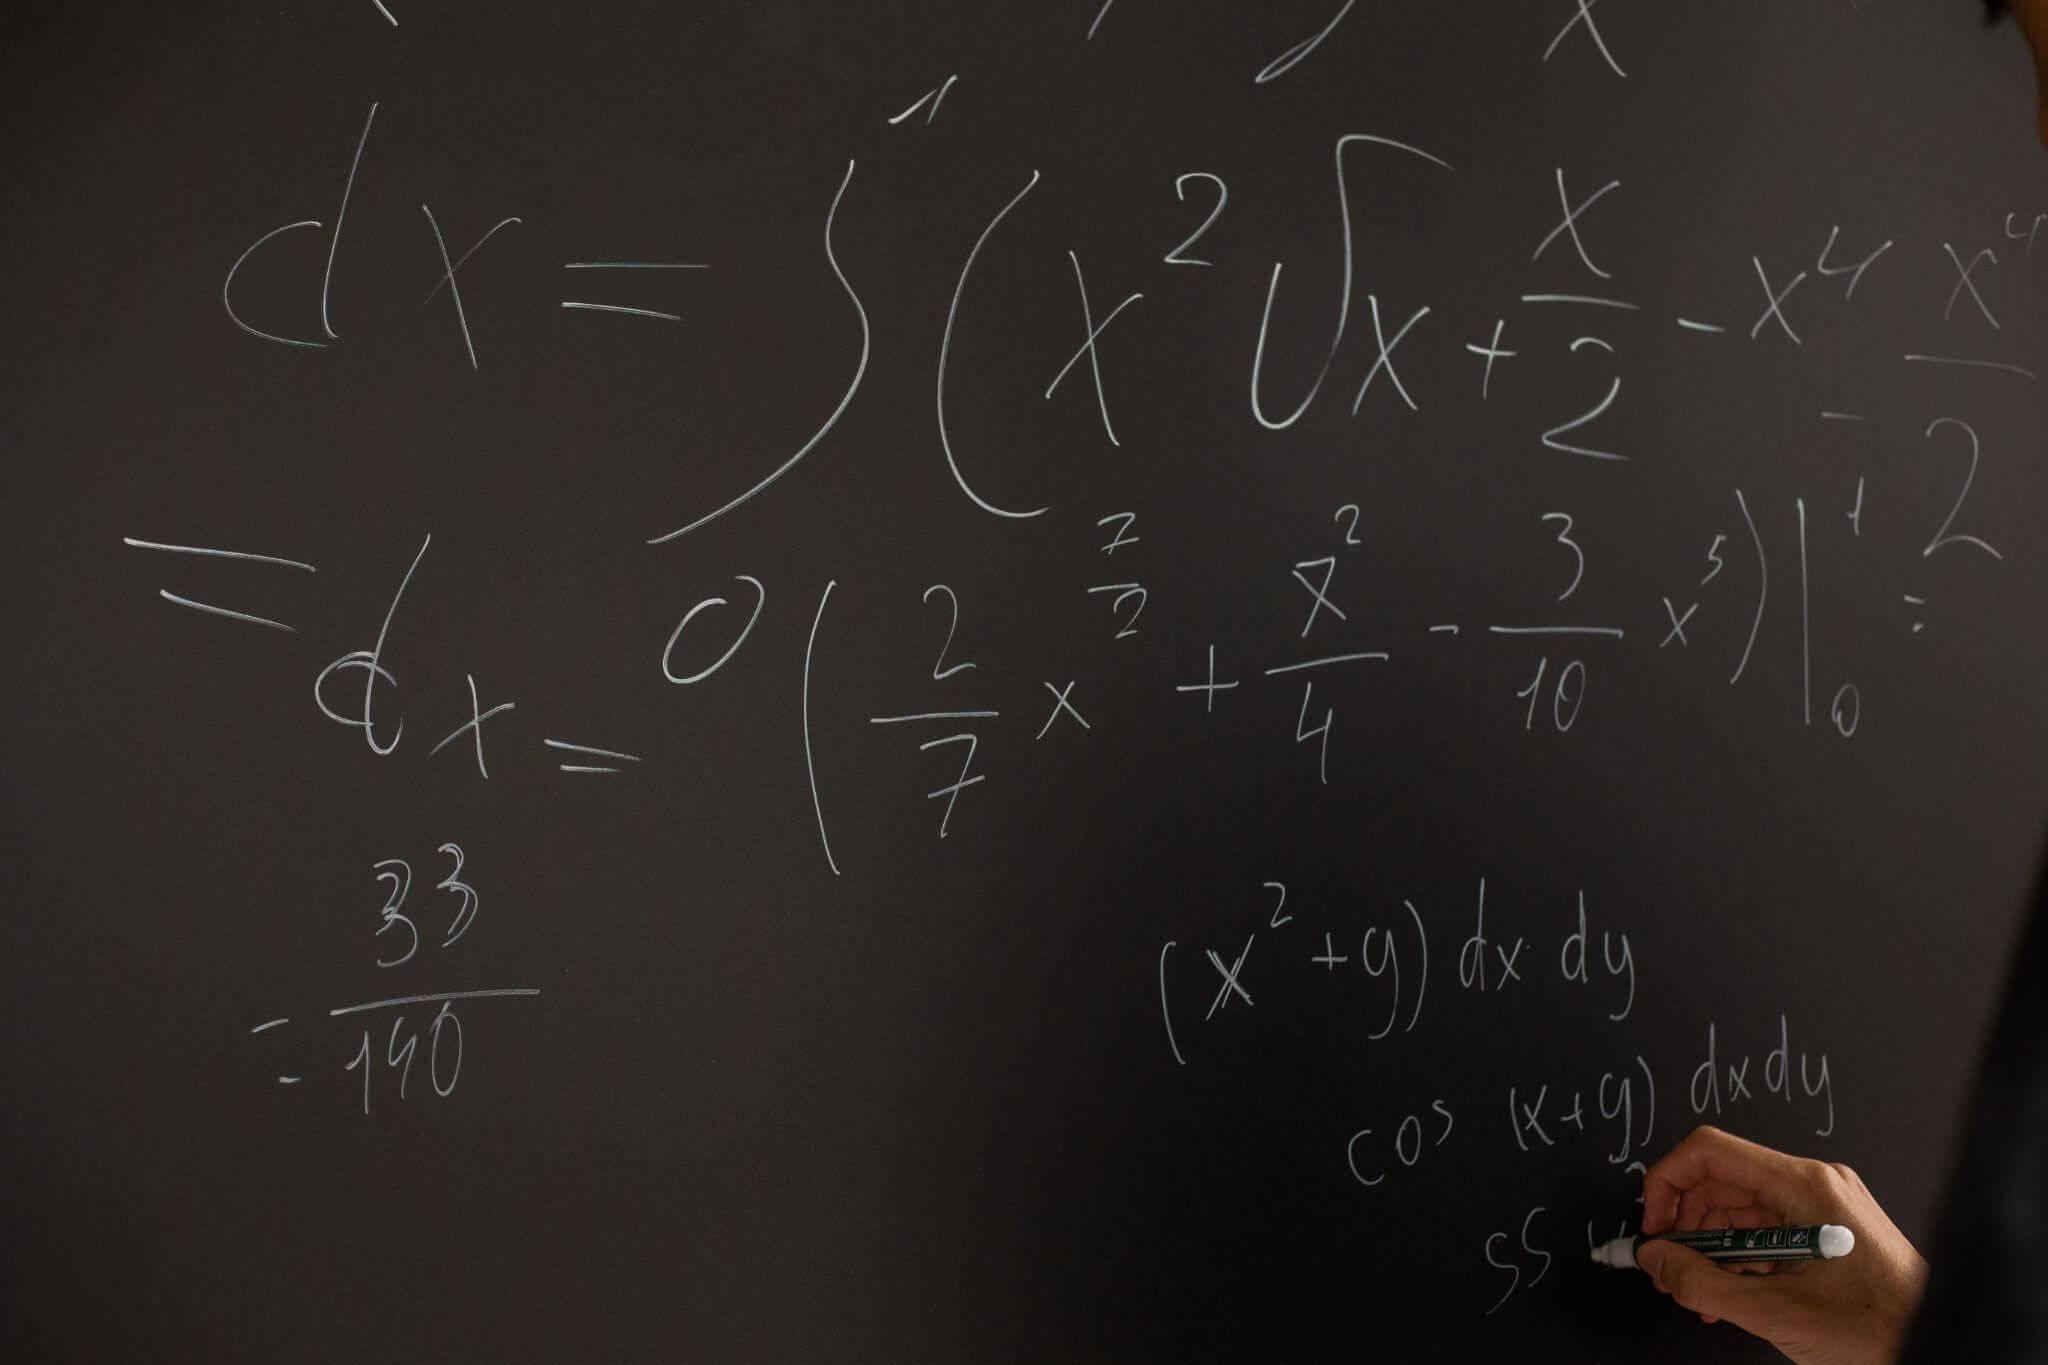 tutor for Junior college math